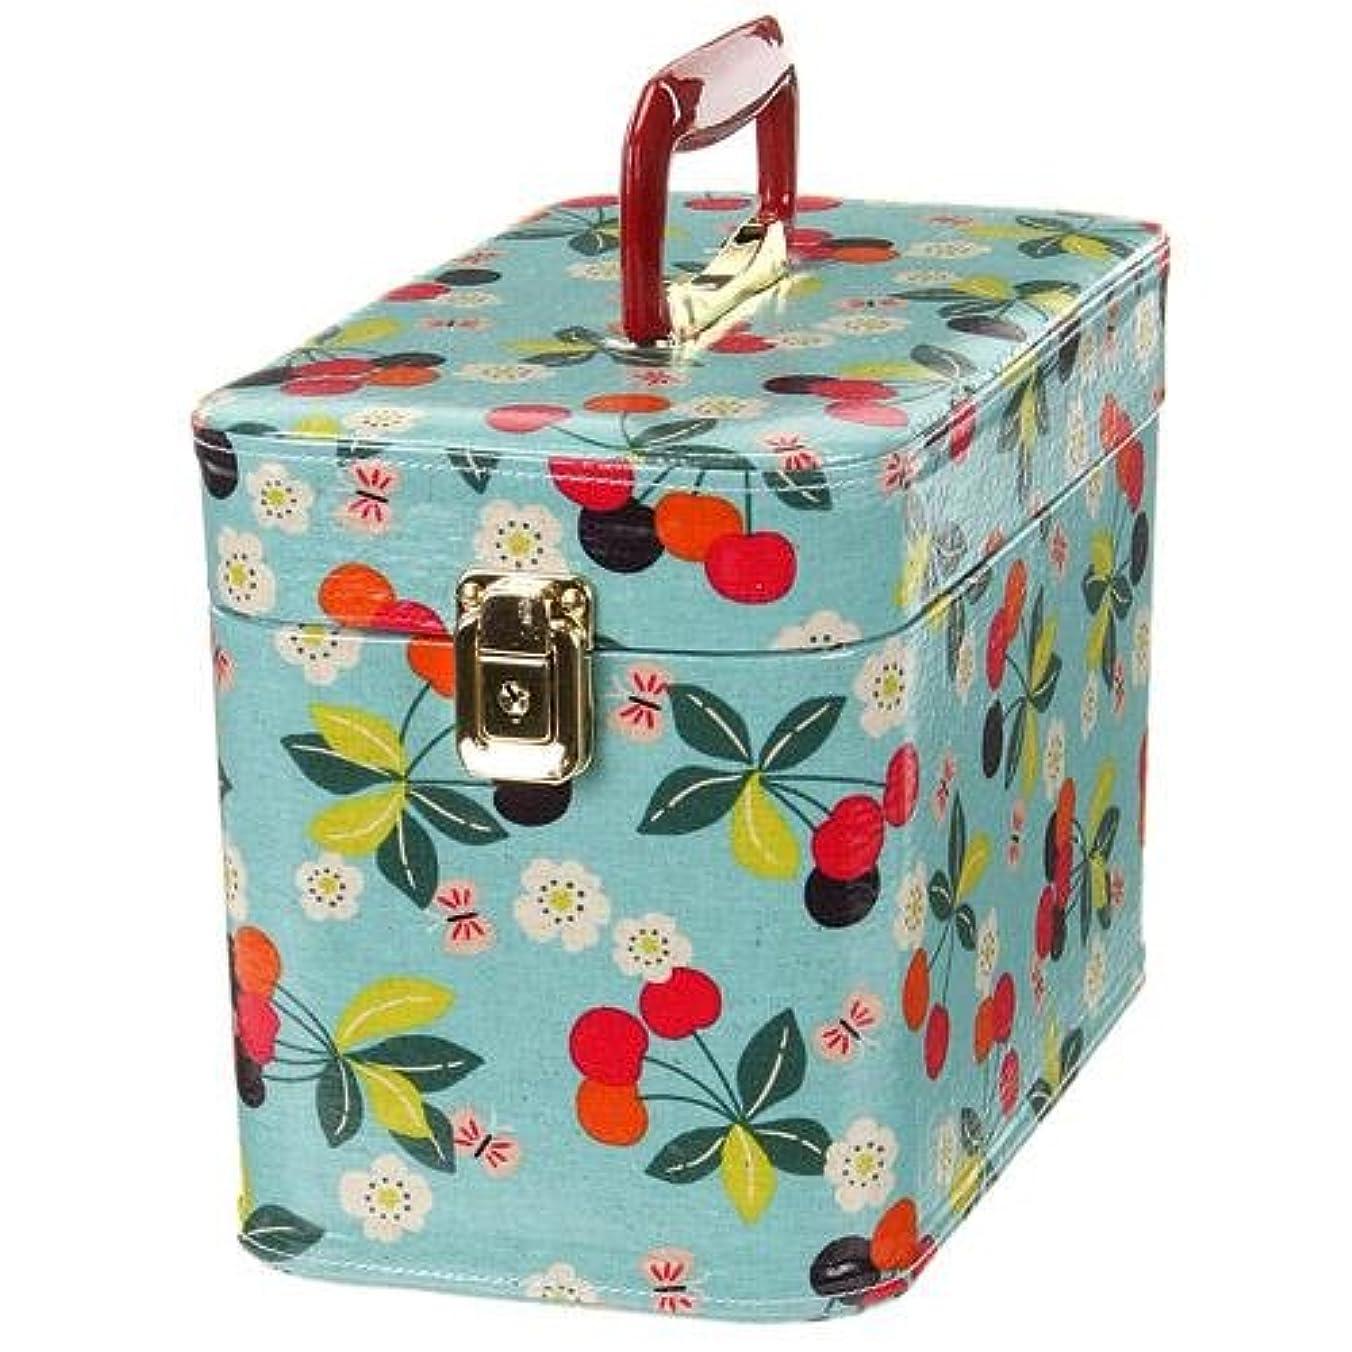 人生を作る氷スリップシューズ日本製 メイクボックス (コスメボックス)桜桃柄 30cm マリンブルー トレンケース(鍵付き/コスメボックス)